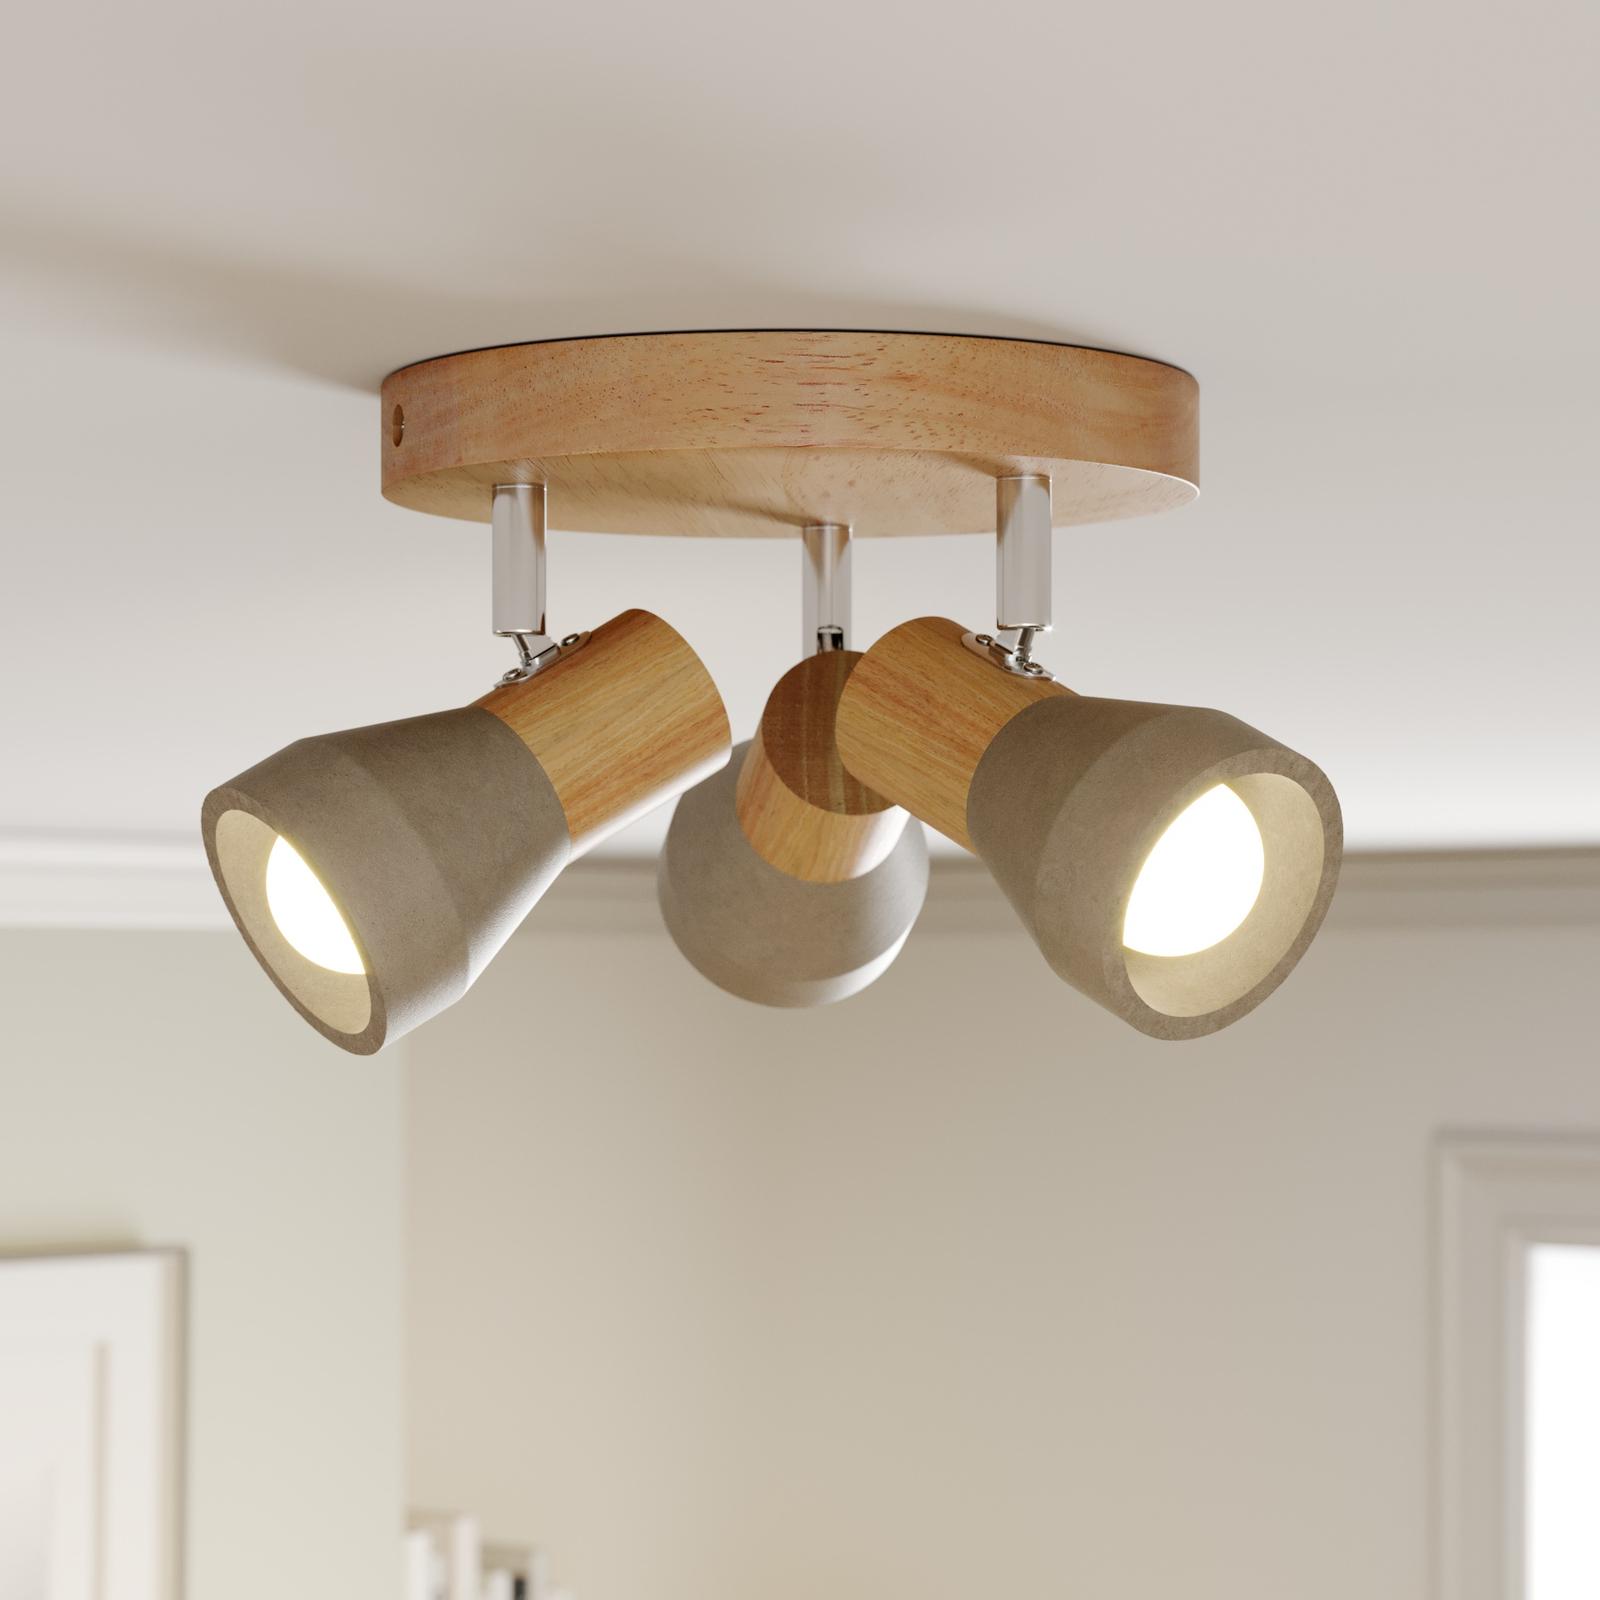 Faretto LED in legno Filiz con paralumi in cemento